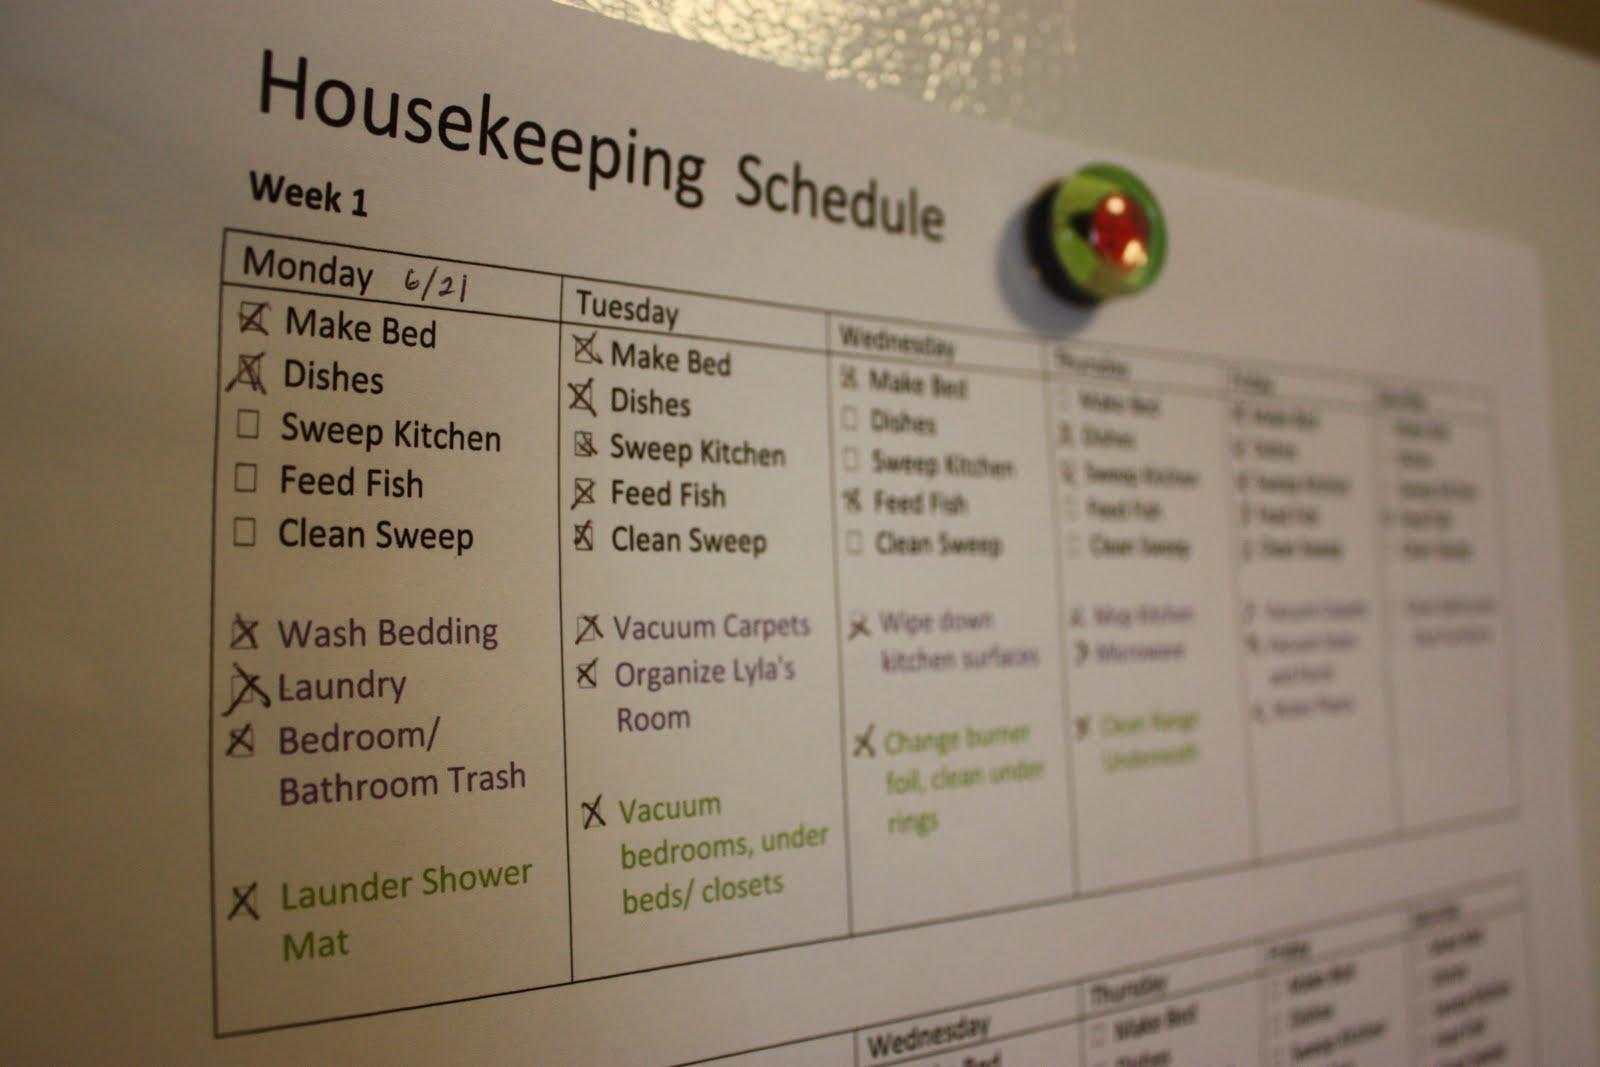 housekeeping schedule